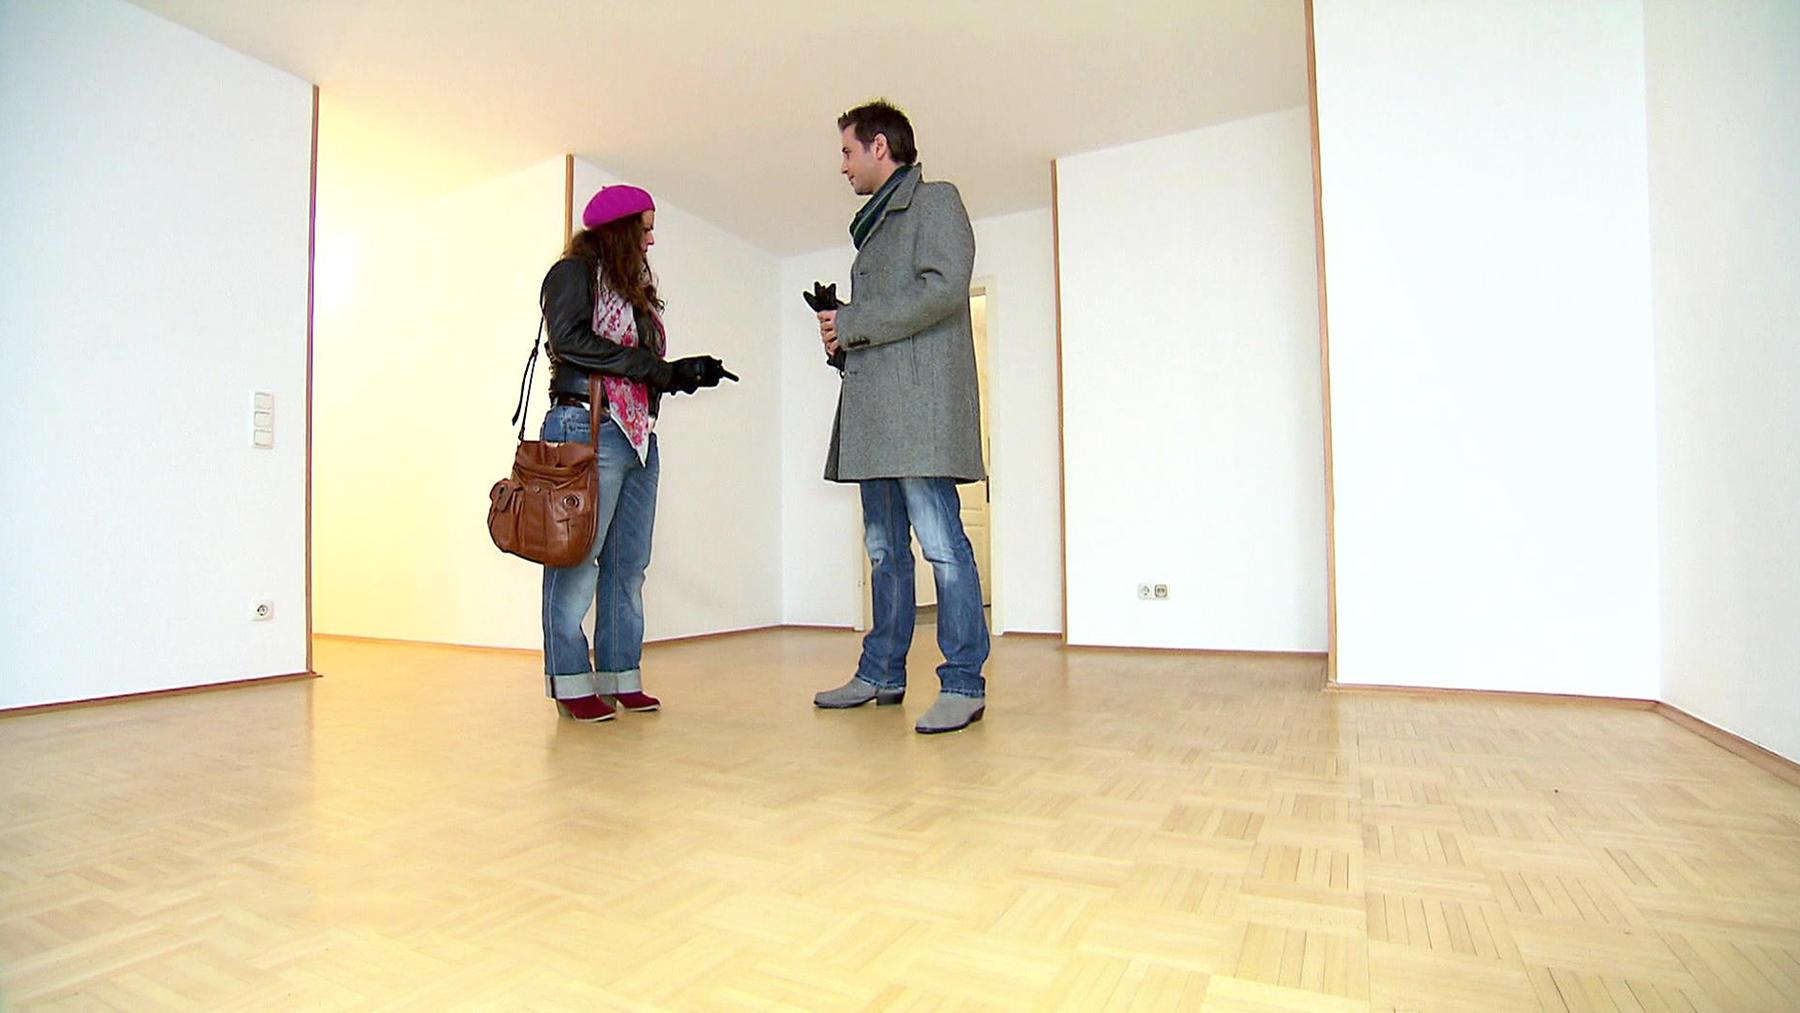 Sozialpädagogin sucht eine günstige Wohnung